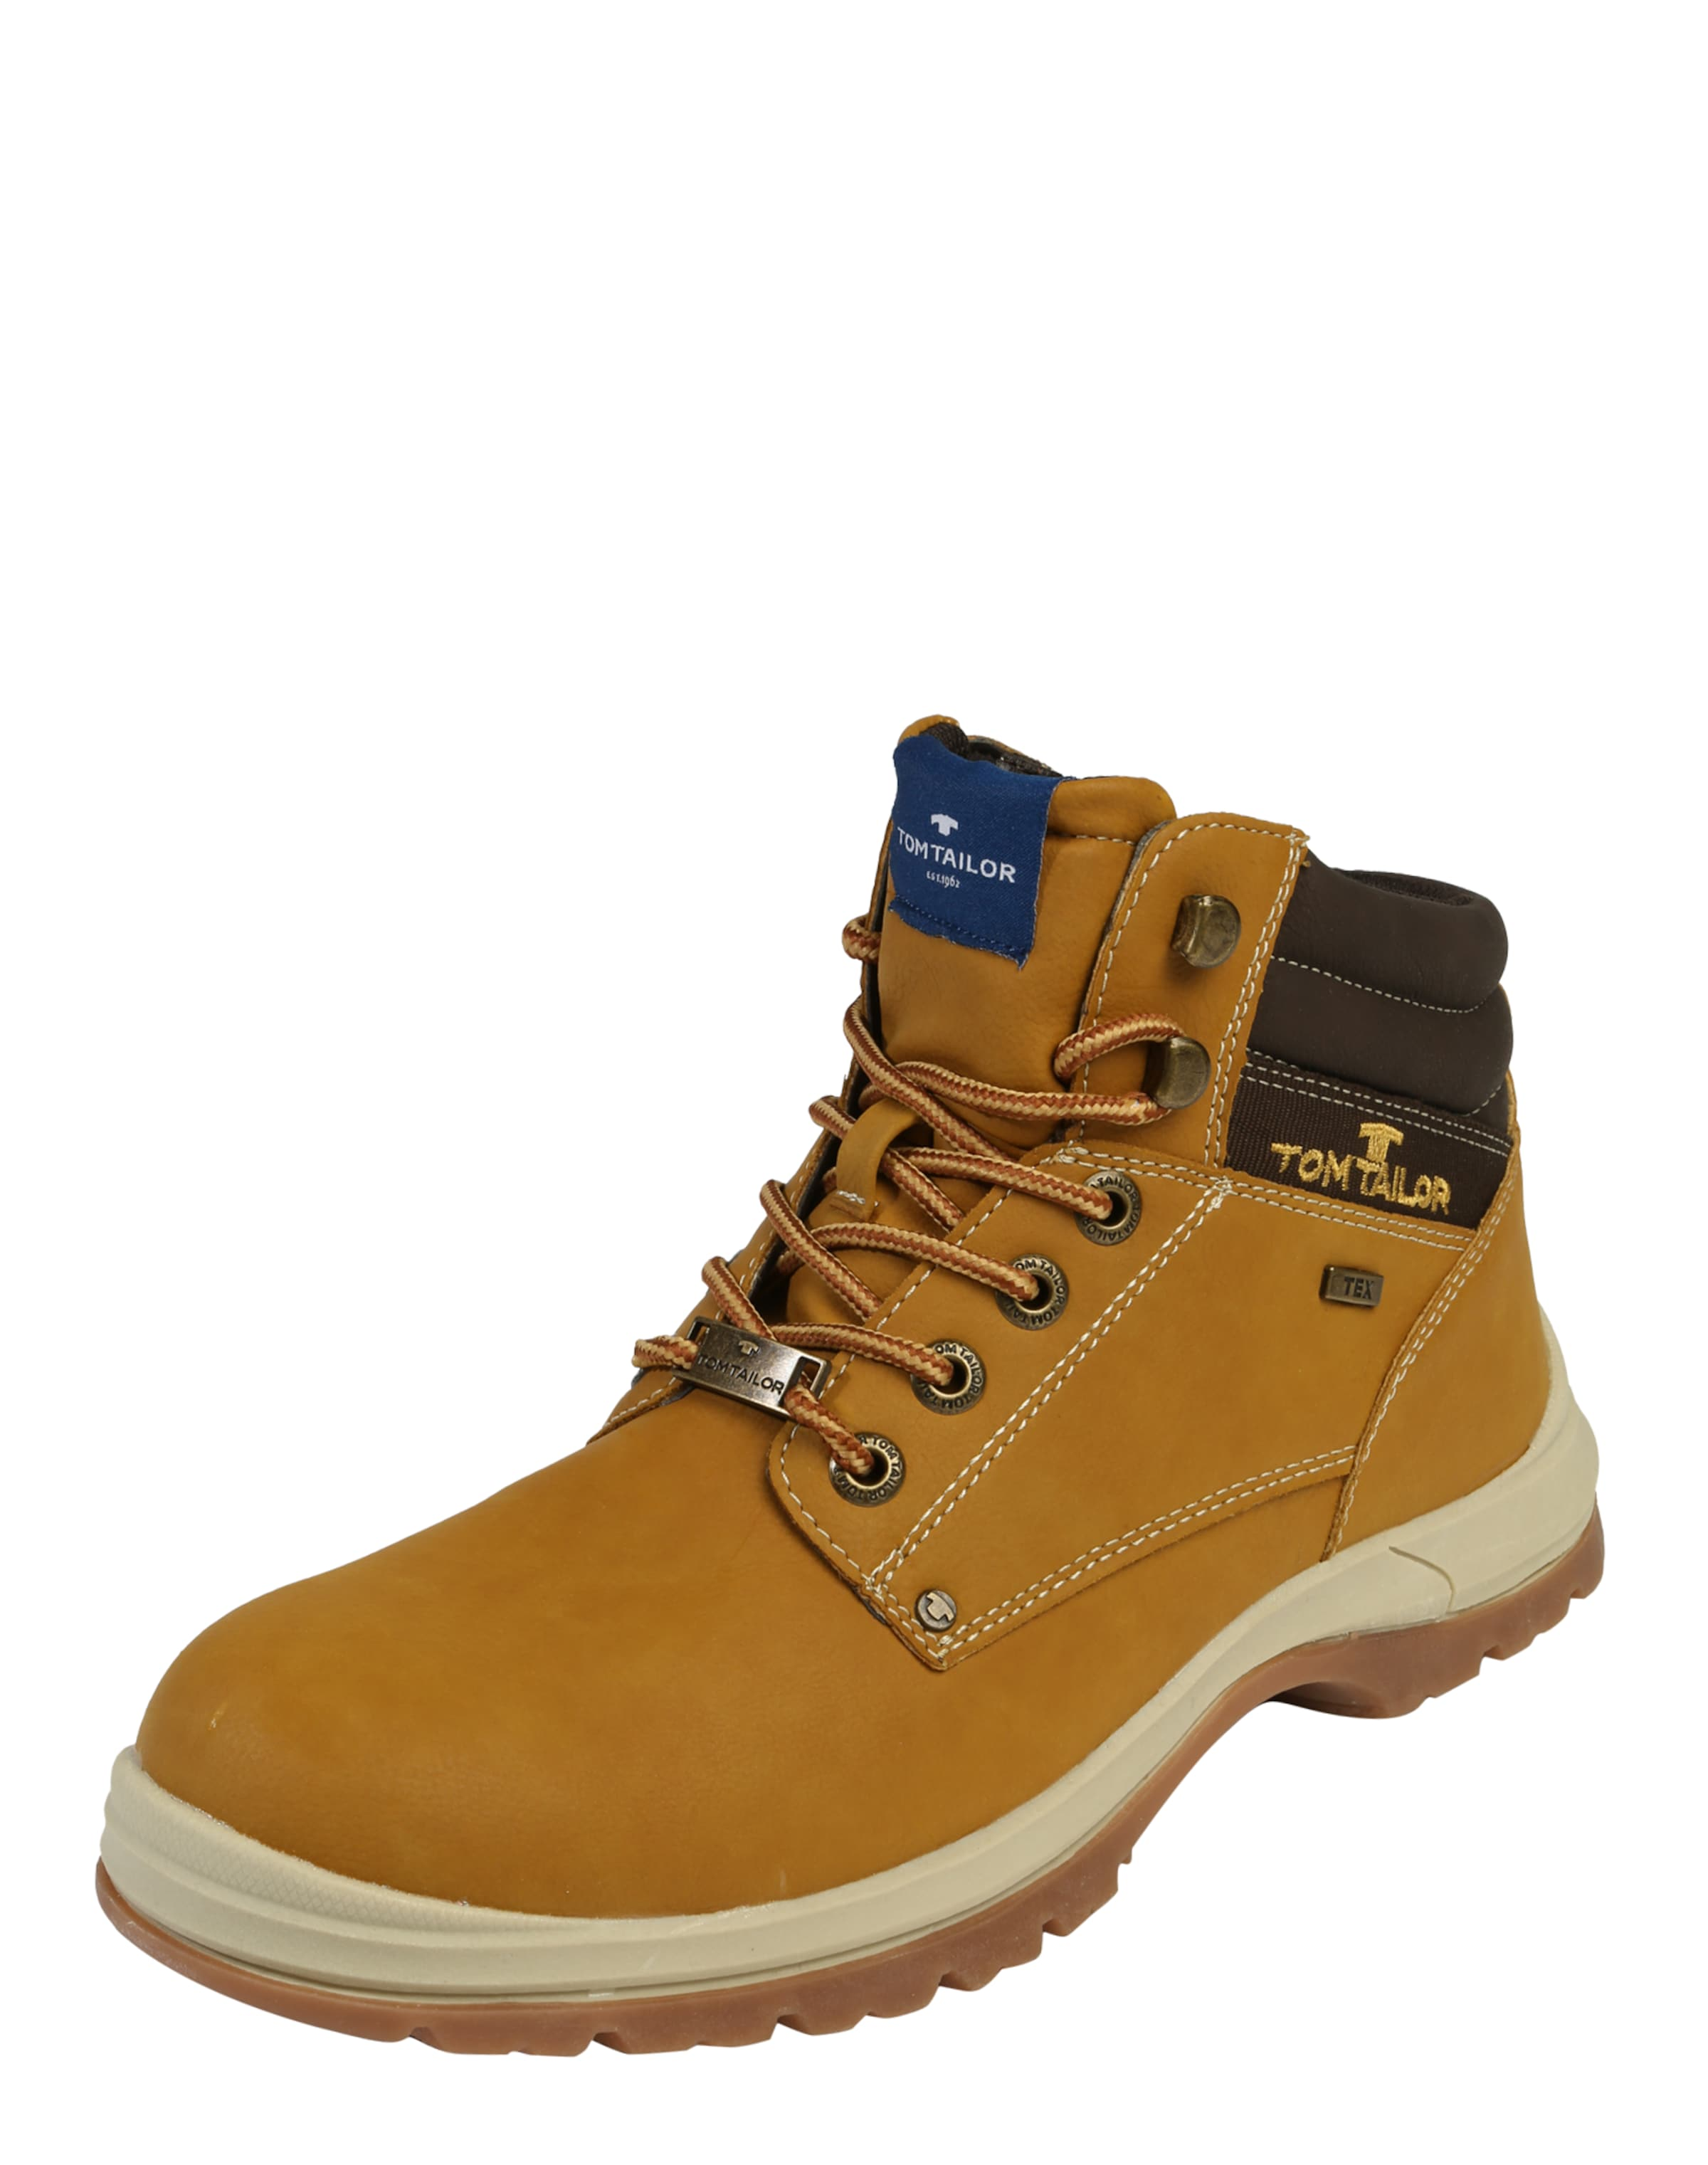 TOM TAILOR | Schnürboots mit Bergsteigerösen Schuhe Schuhe Schuhe Gut getragene Schuhe 5d5207